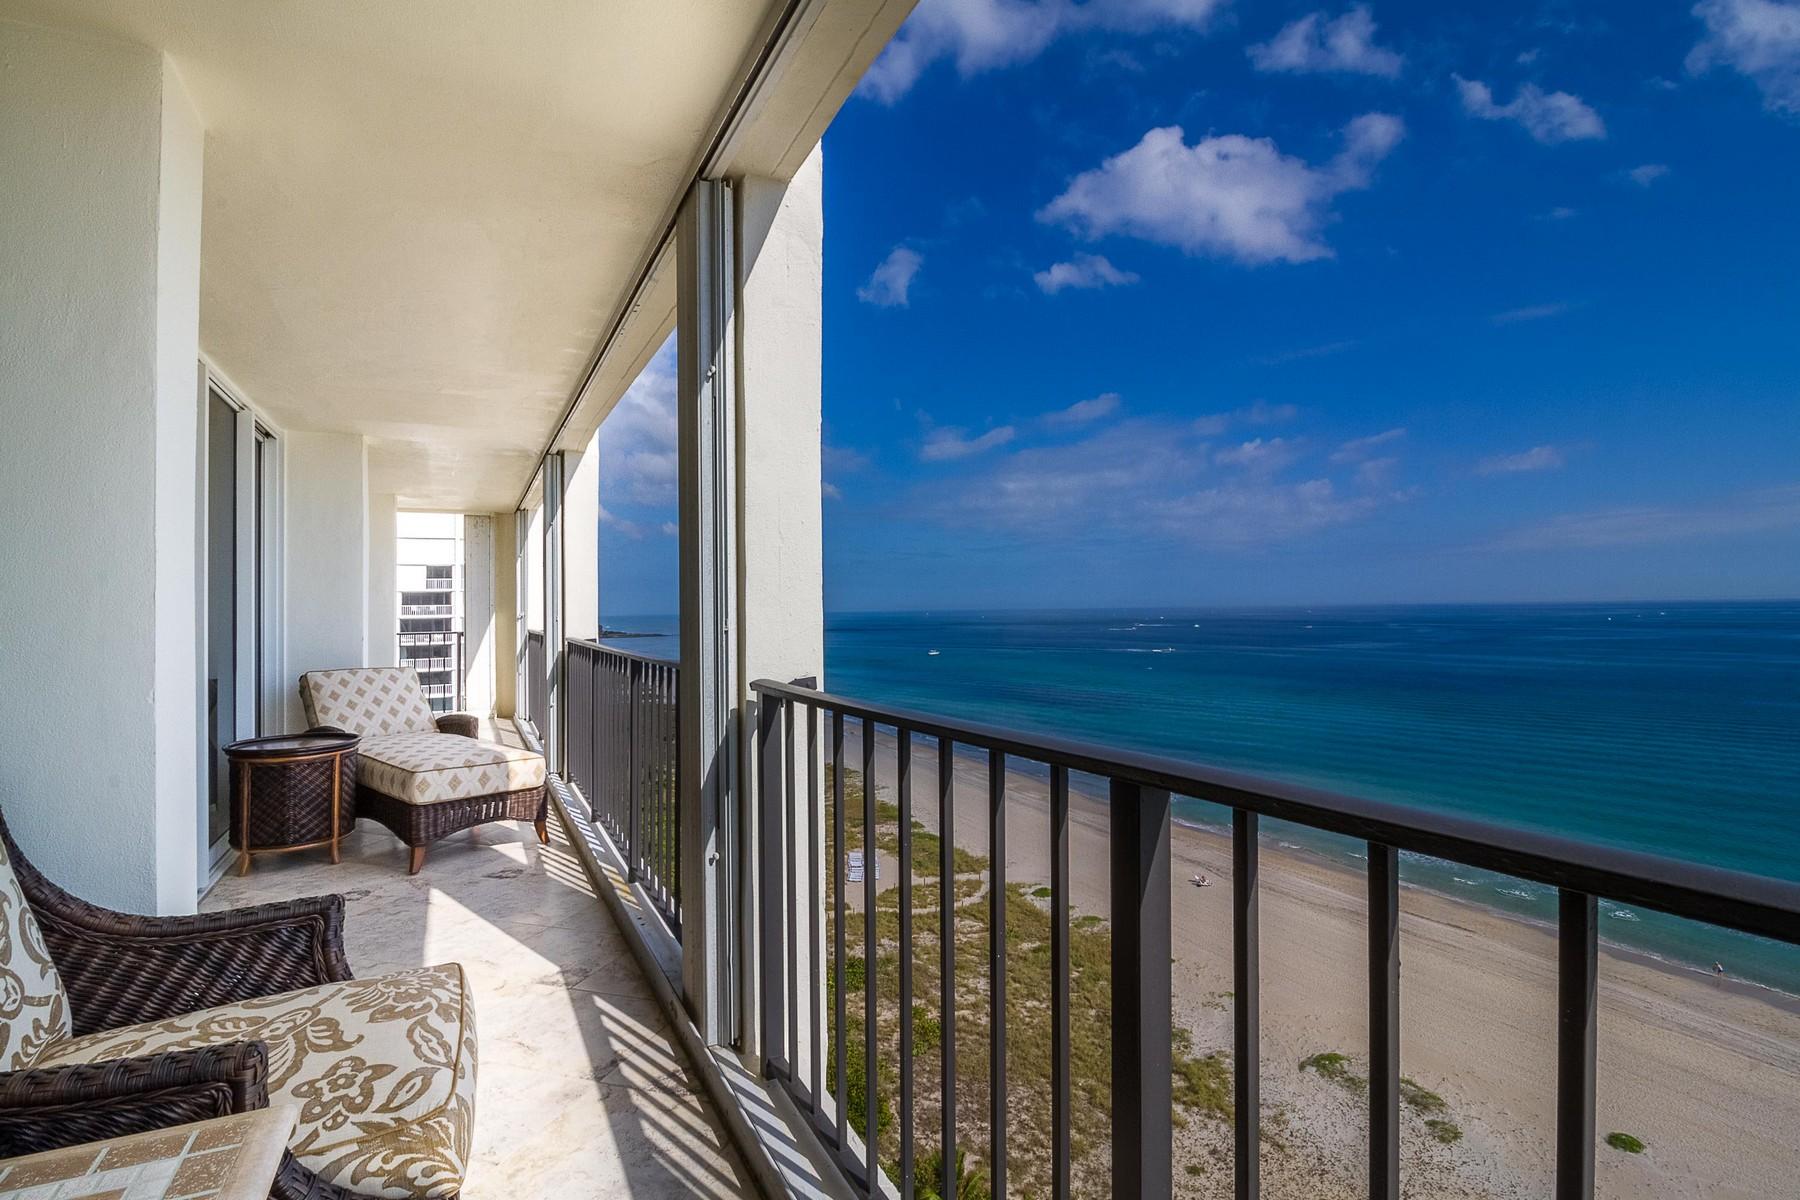 共管式独立产权公寓 为 销售 在 2800 S Ocean Blvd , 14a, Boca Raton, FL 33432 2800 S Ocean Blvd 14a 博卡拉顿, 佛罗里达州, 33432 美国